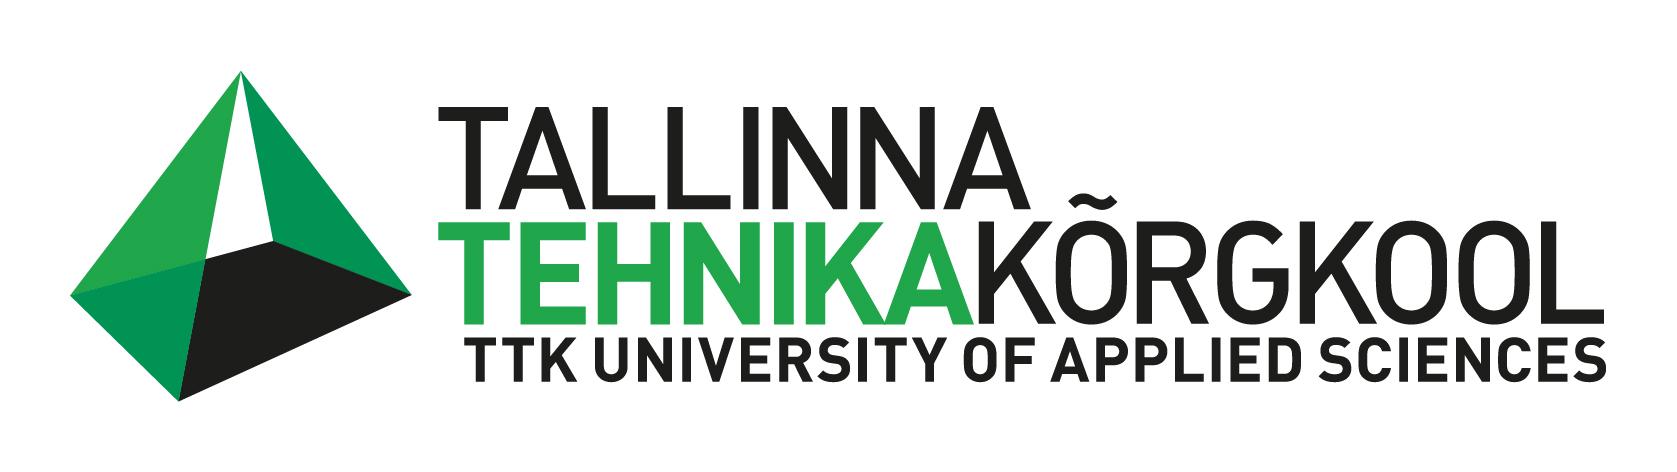 ttk-logo-2013-v-kakskeelne2